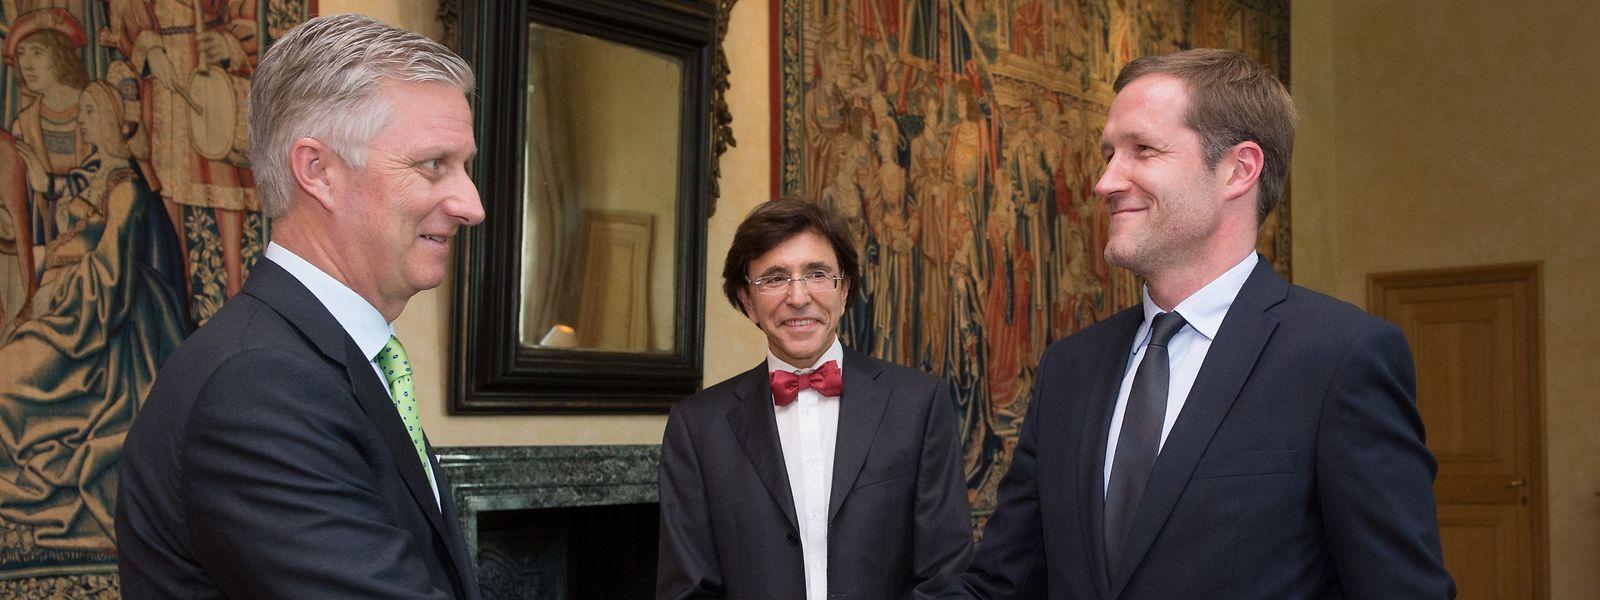 Paul Magnette (à dr.) a été chargé mardi par le roi Philippe d'explorer les possibilités de formation d'une nouvelle coalition